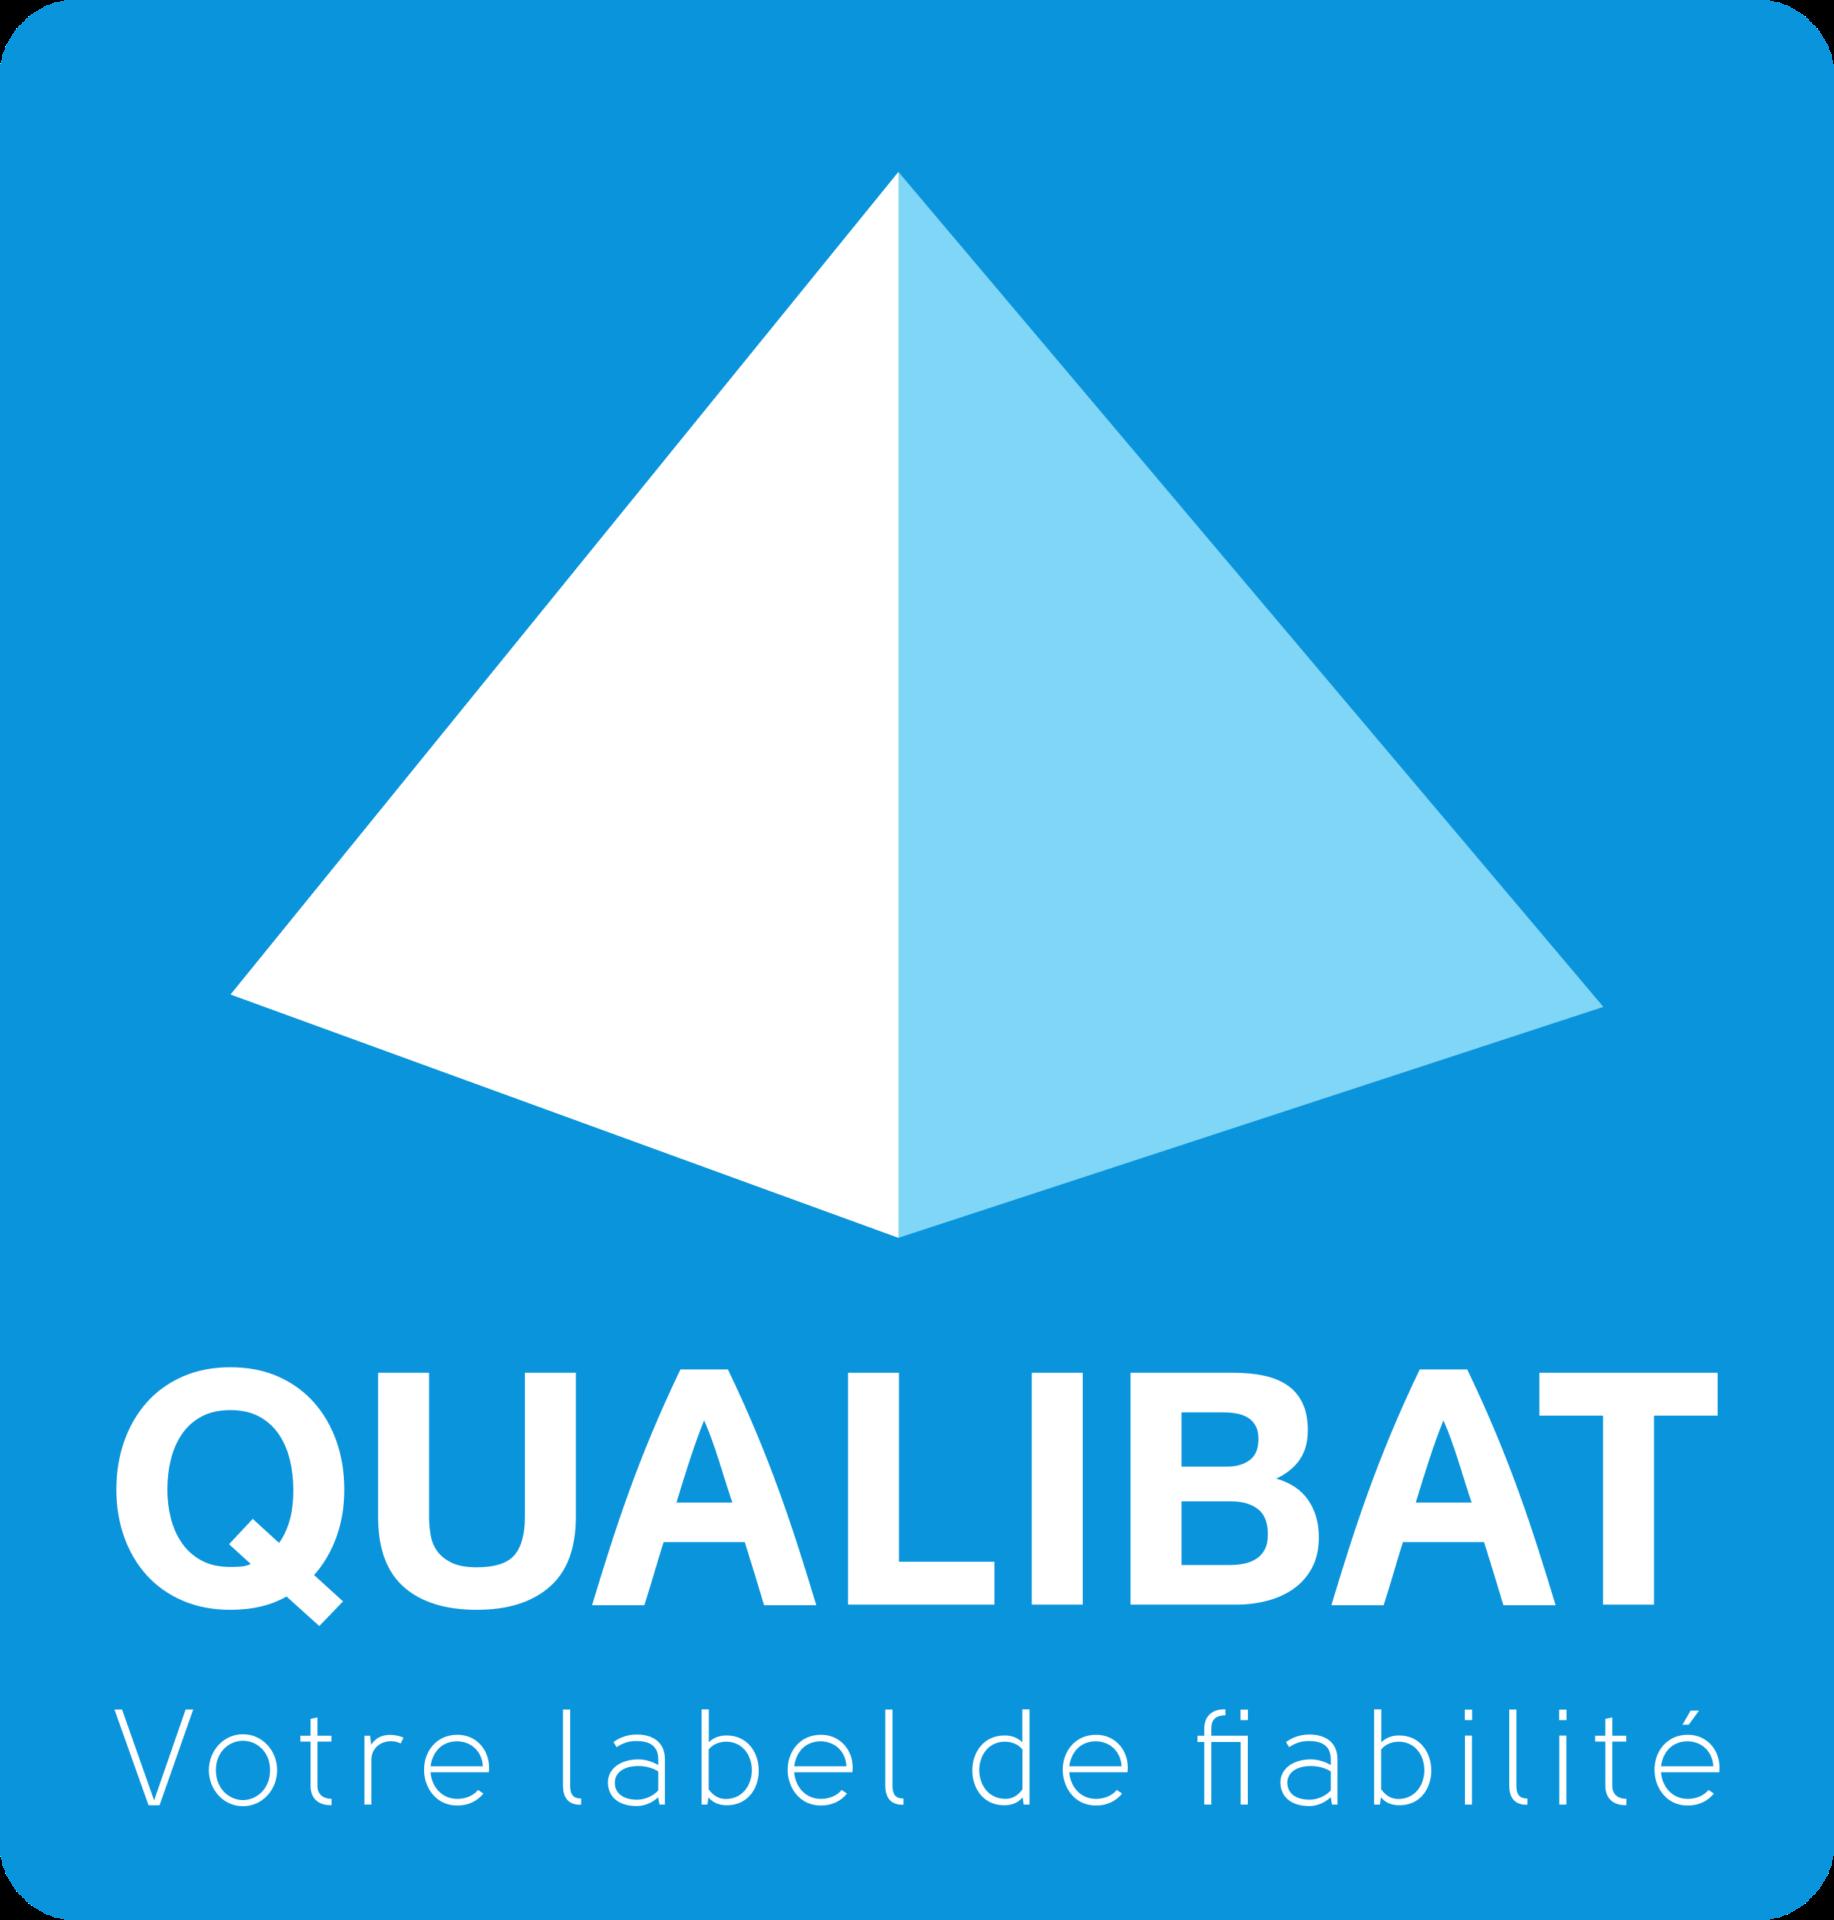 Qualibat - Votre label de fiabilité